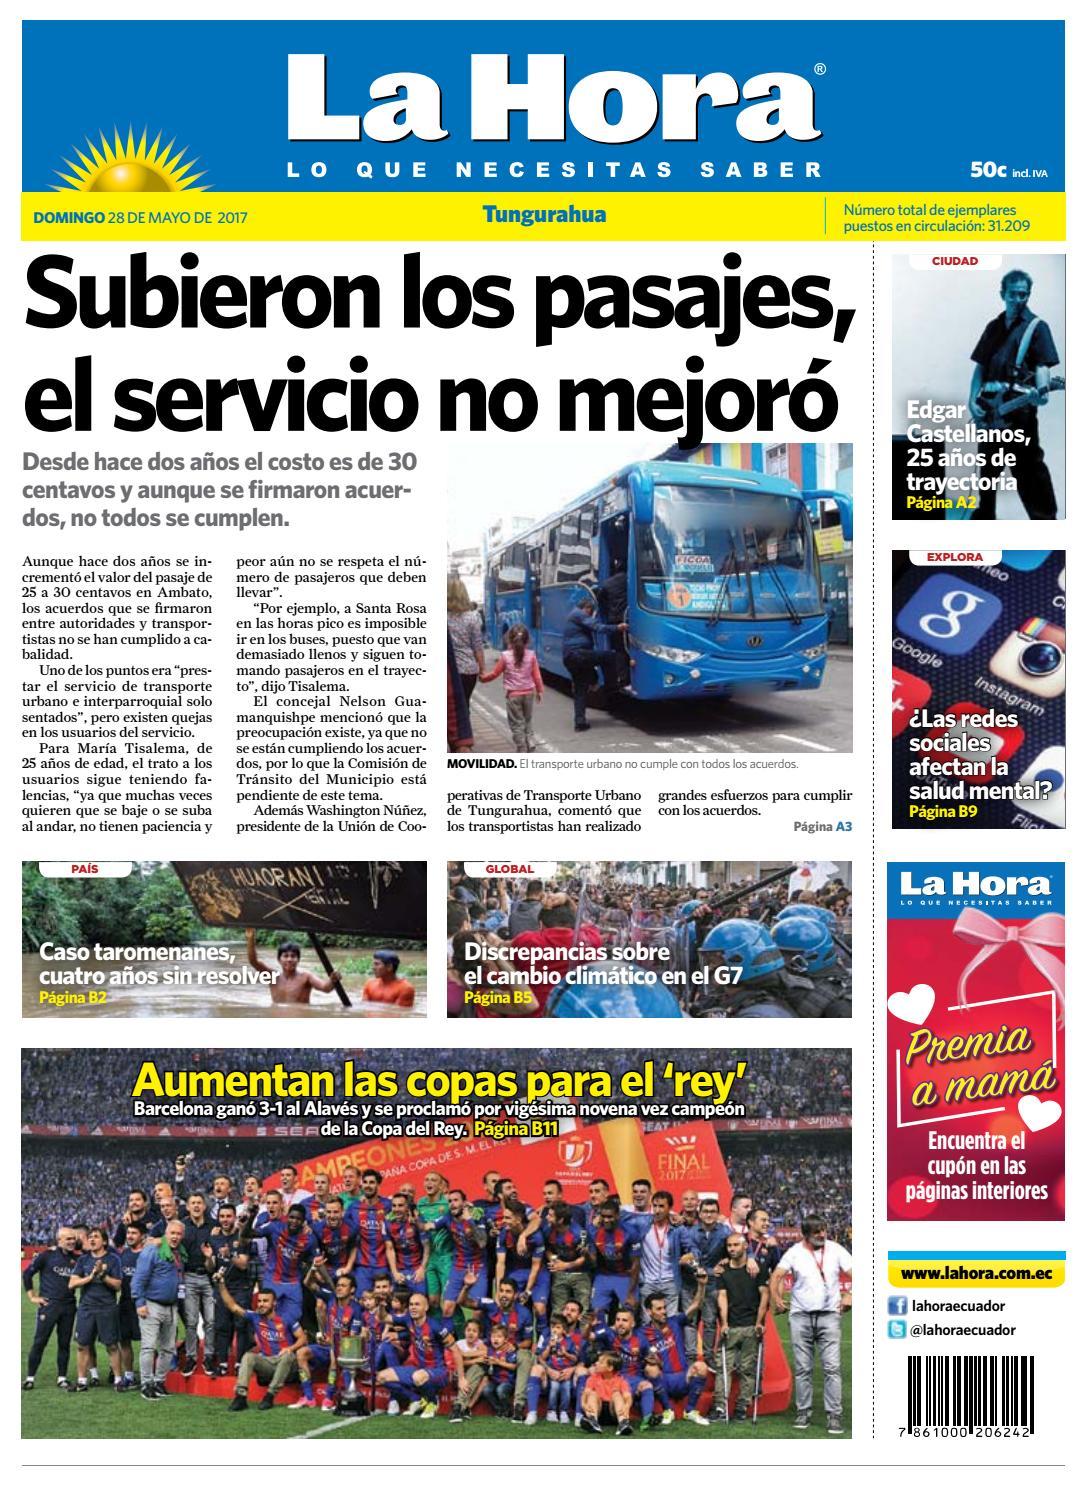 Diario De Noticias 20160613 Calaméo - Slimniyaseru